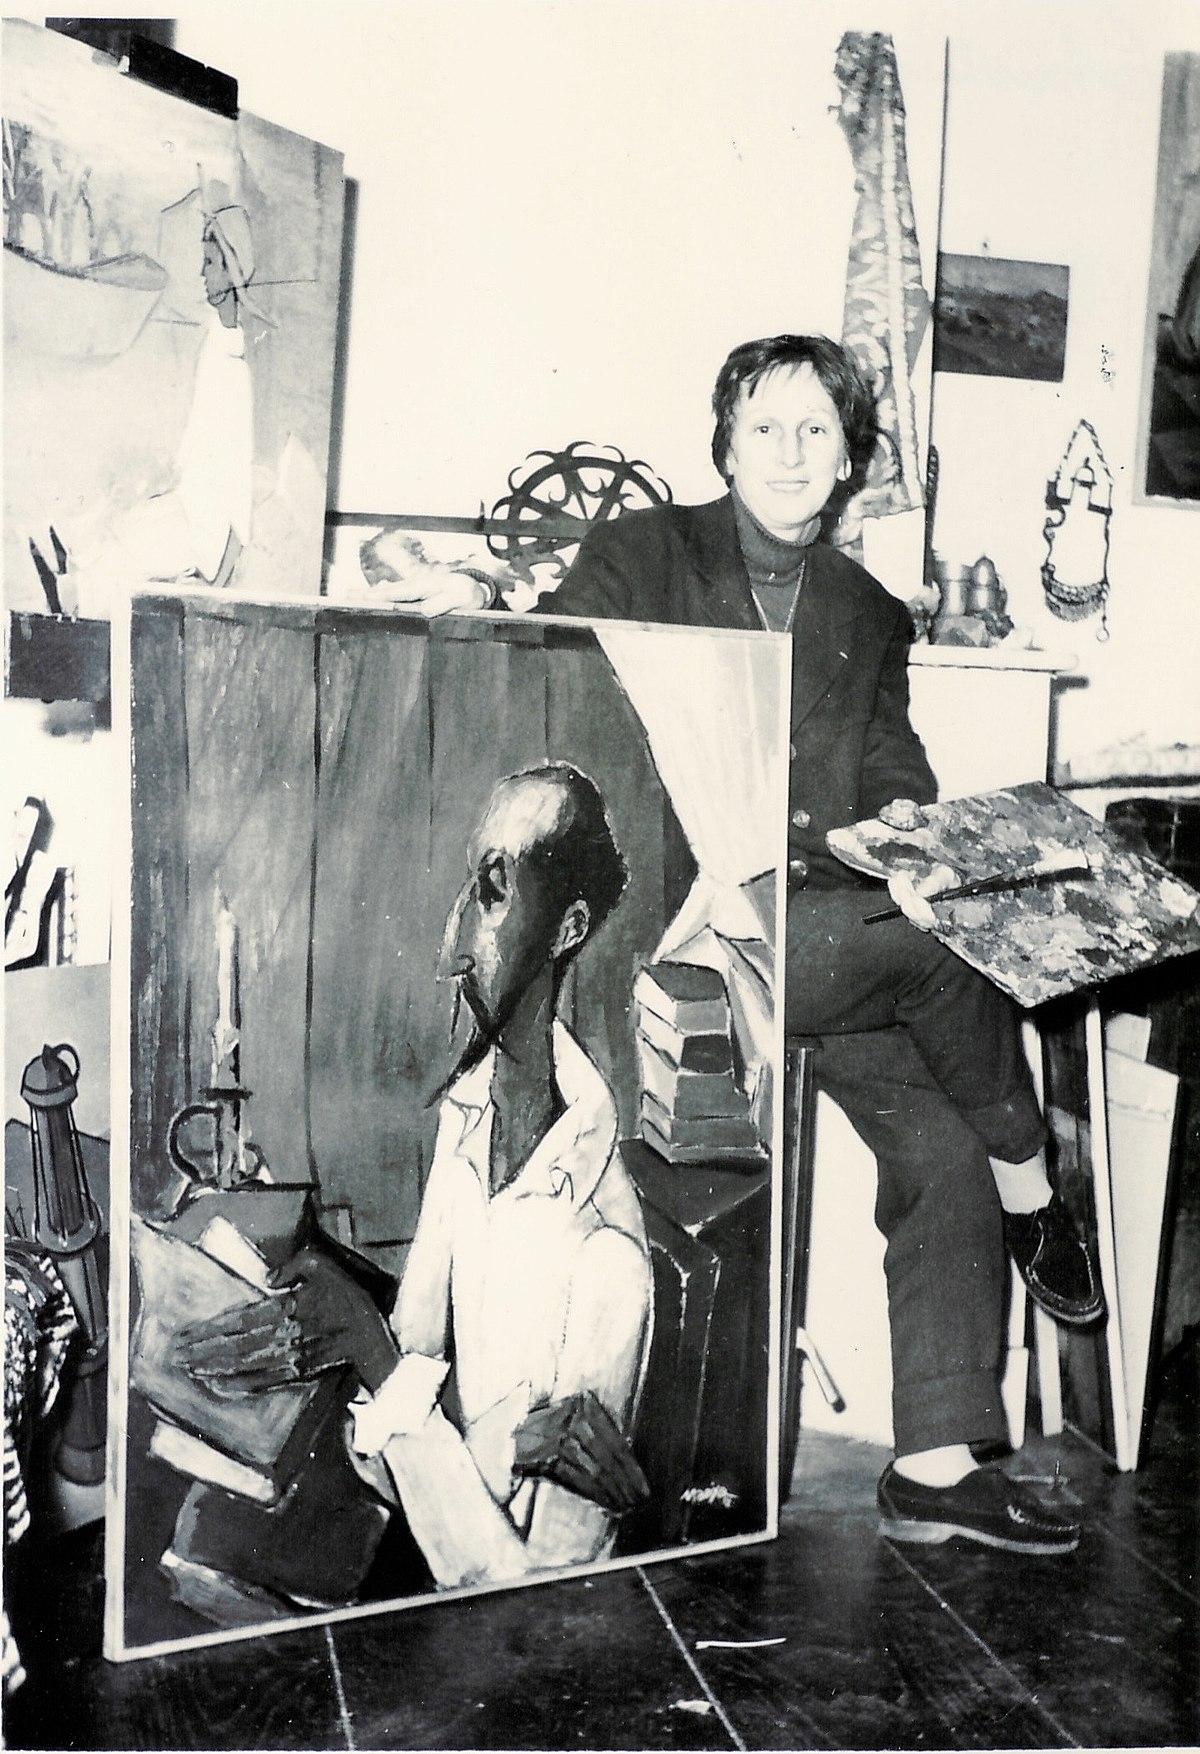 Marixa wikip dia - Atelier artiste peintre ...